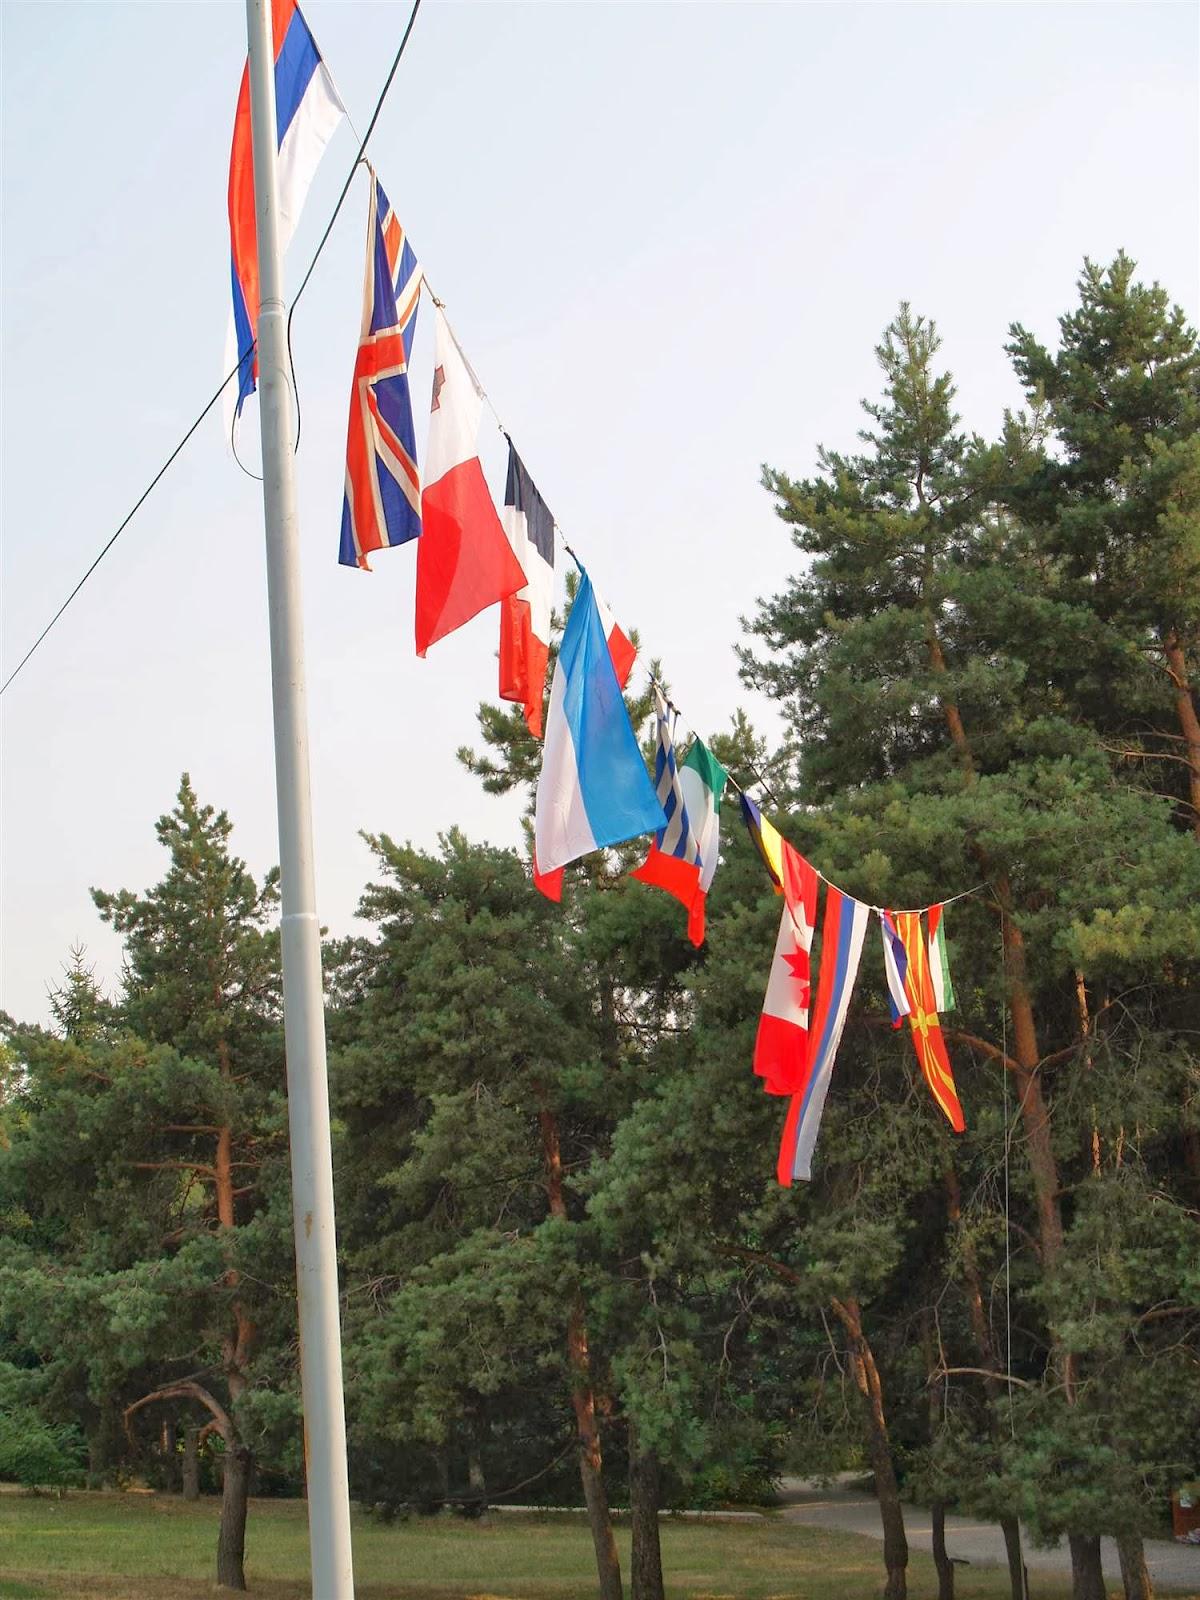 Smotra, Smotra 2006 - P0241688.JPG